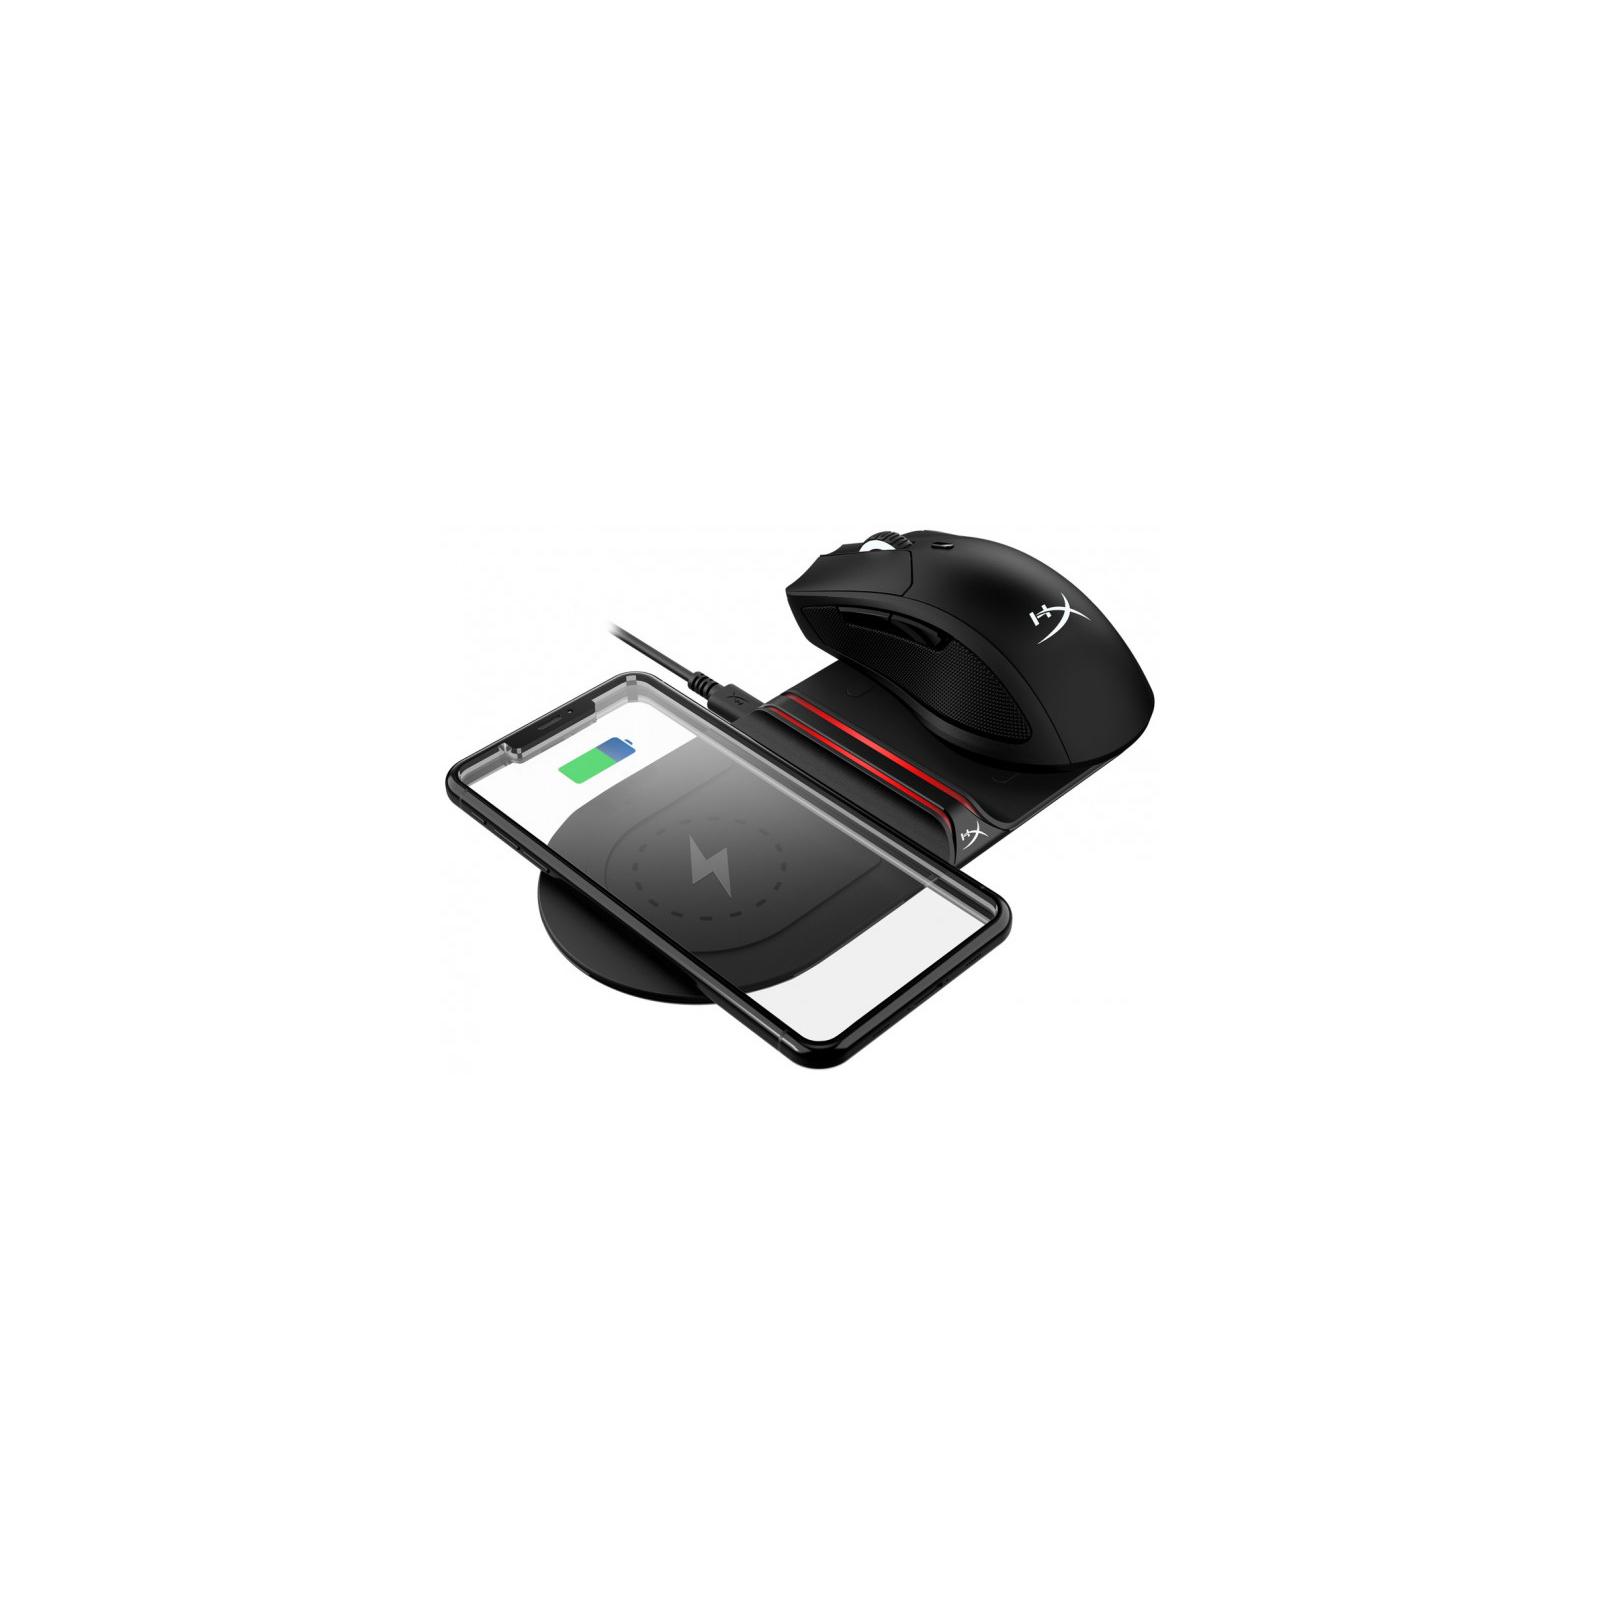 Зарядний пристрій HyperX ChargePlay Base Qi Wireless Charger (HX-CPBS-C) зображення 4